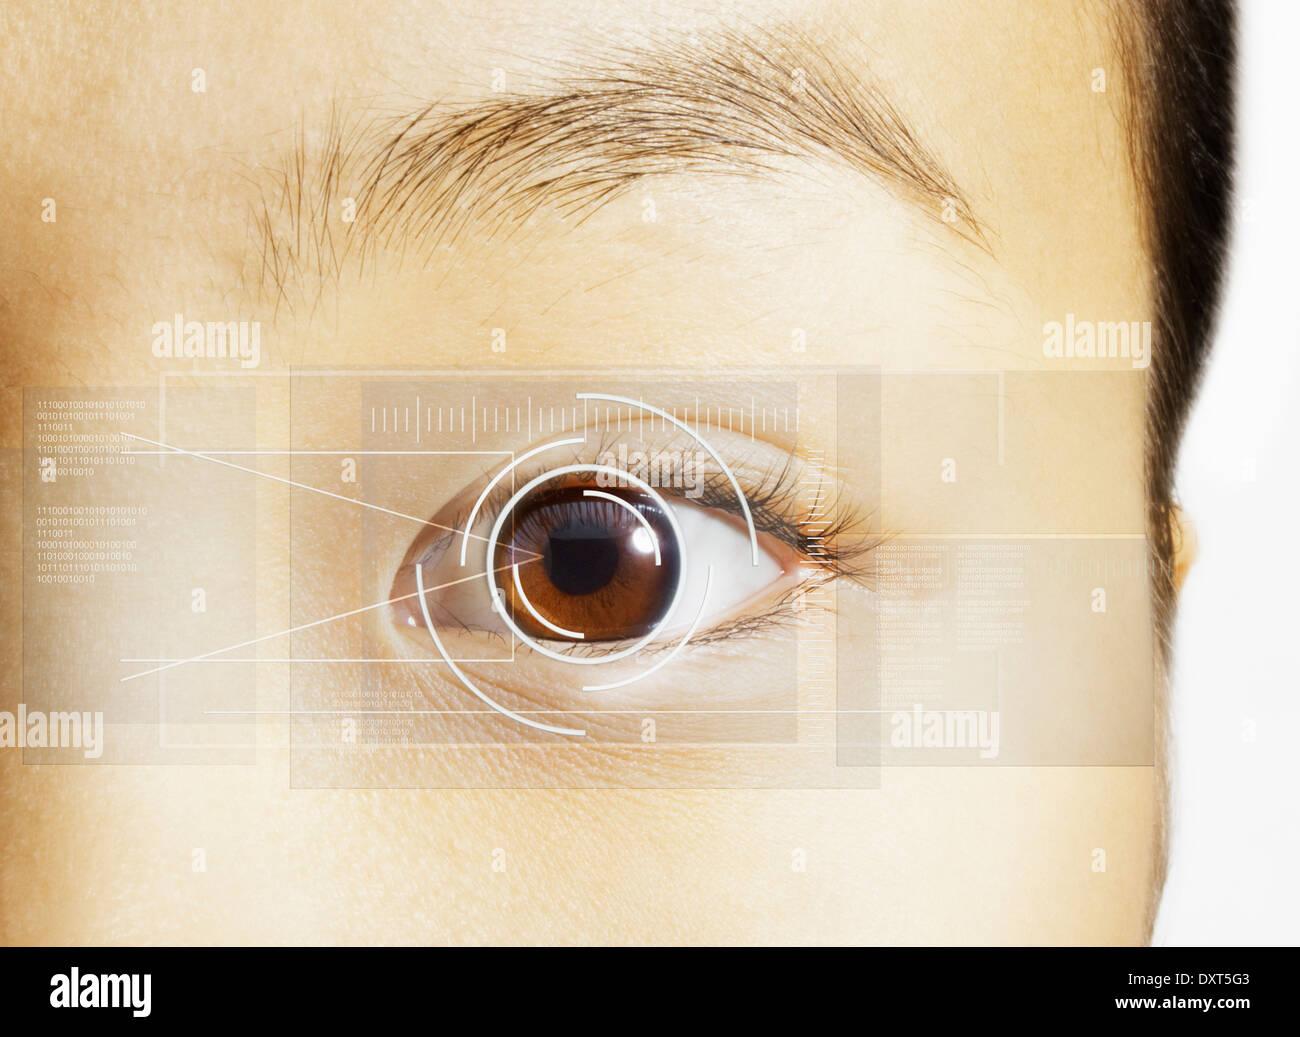 Retina Stock Photos & Retina Stock Images - Alamy